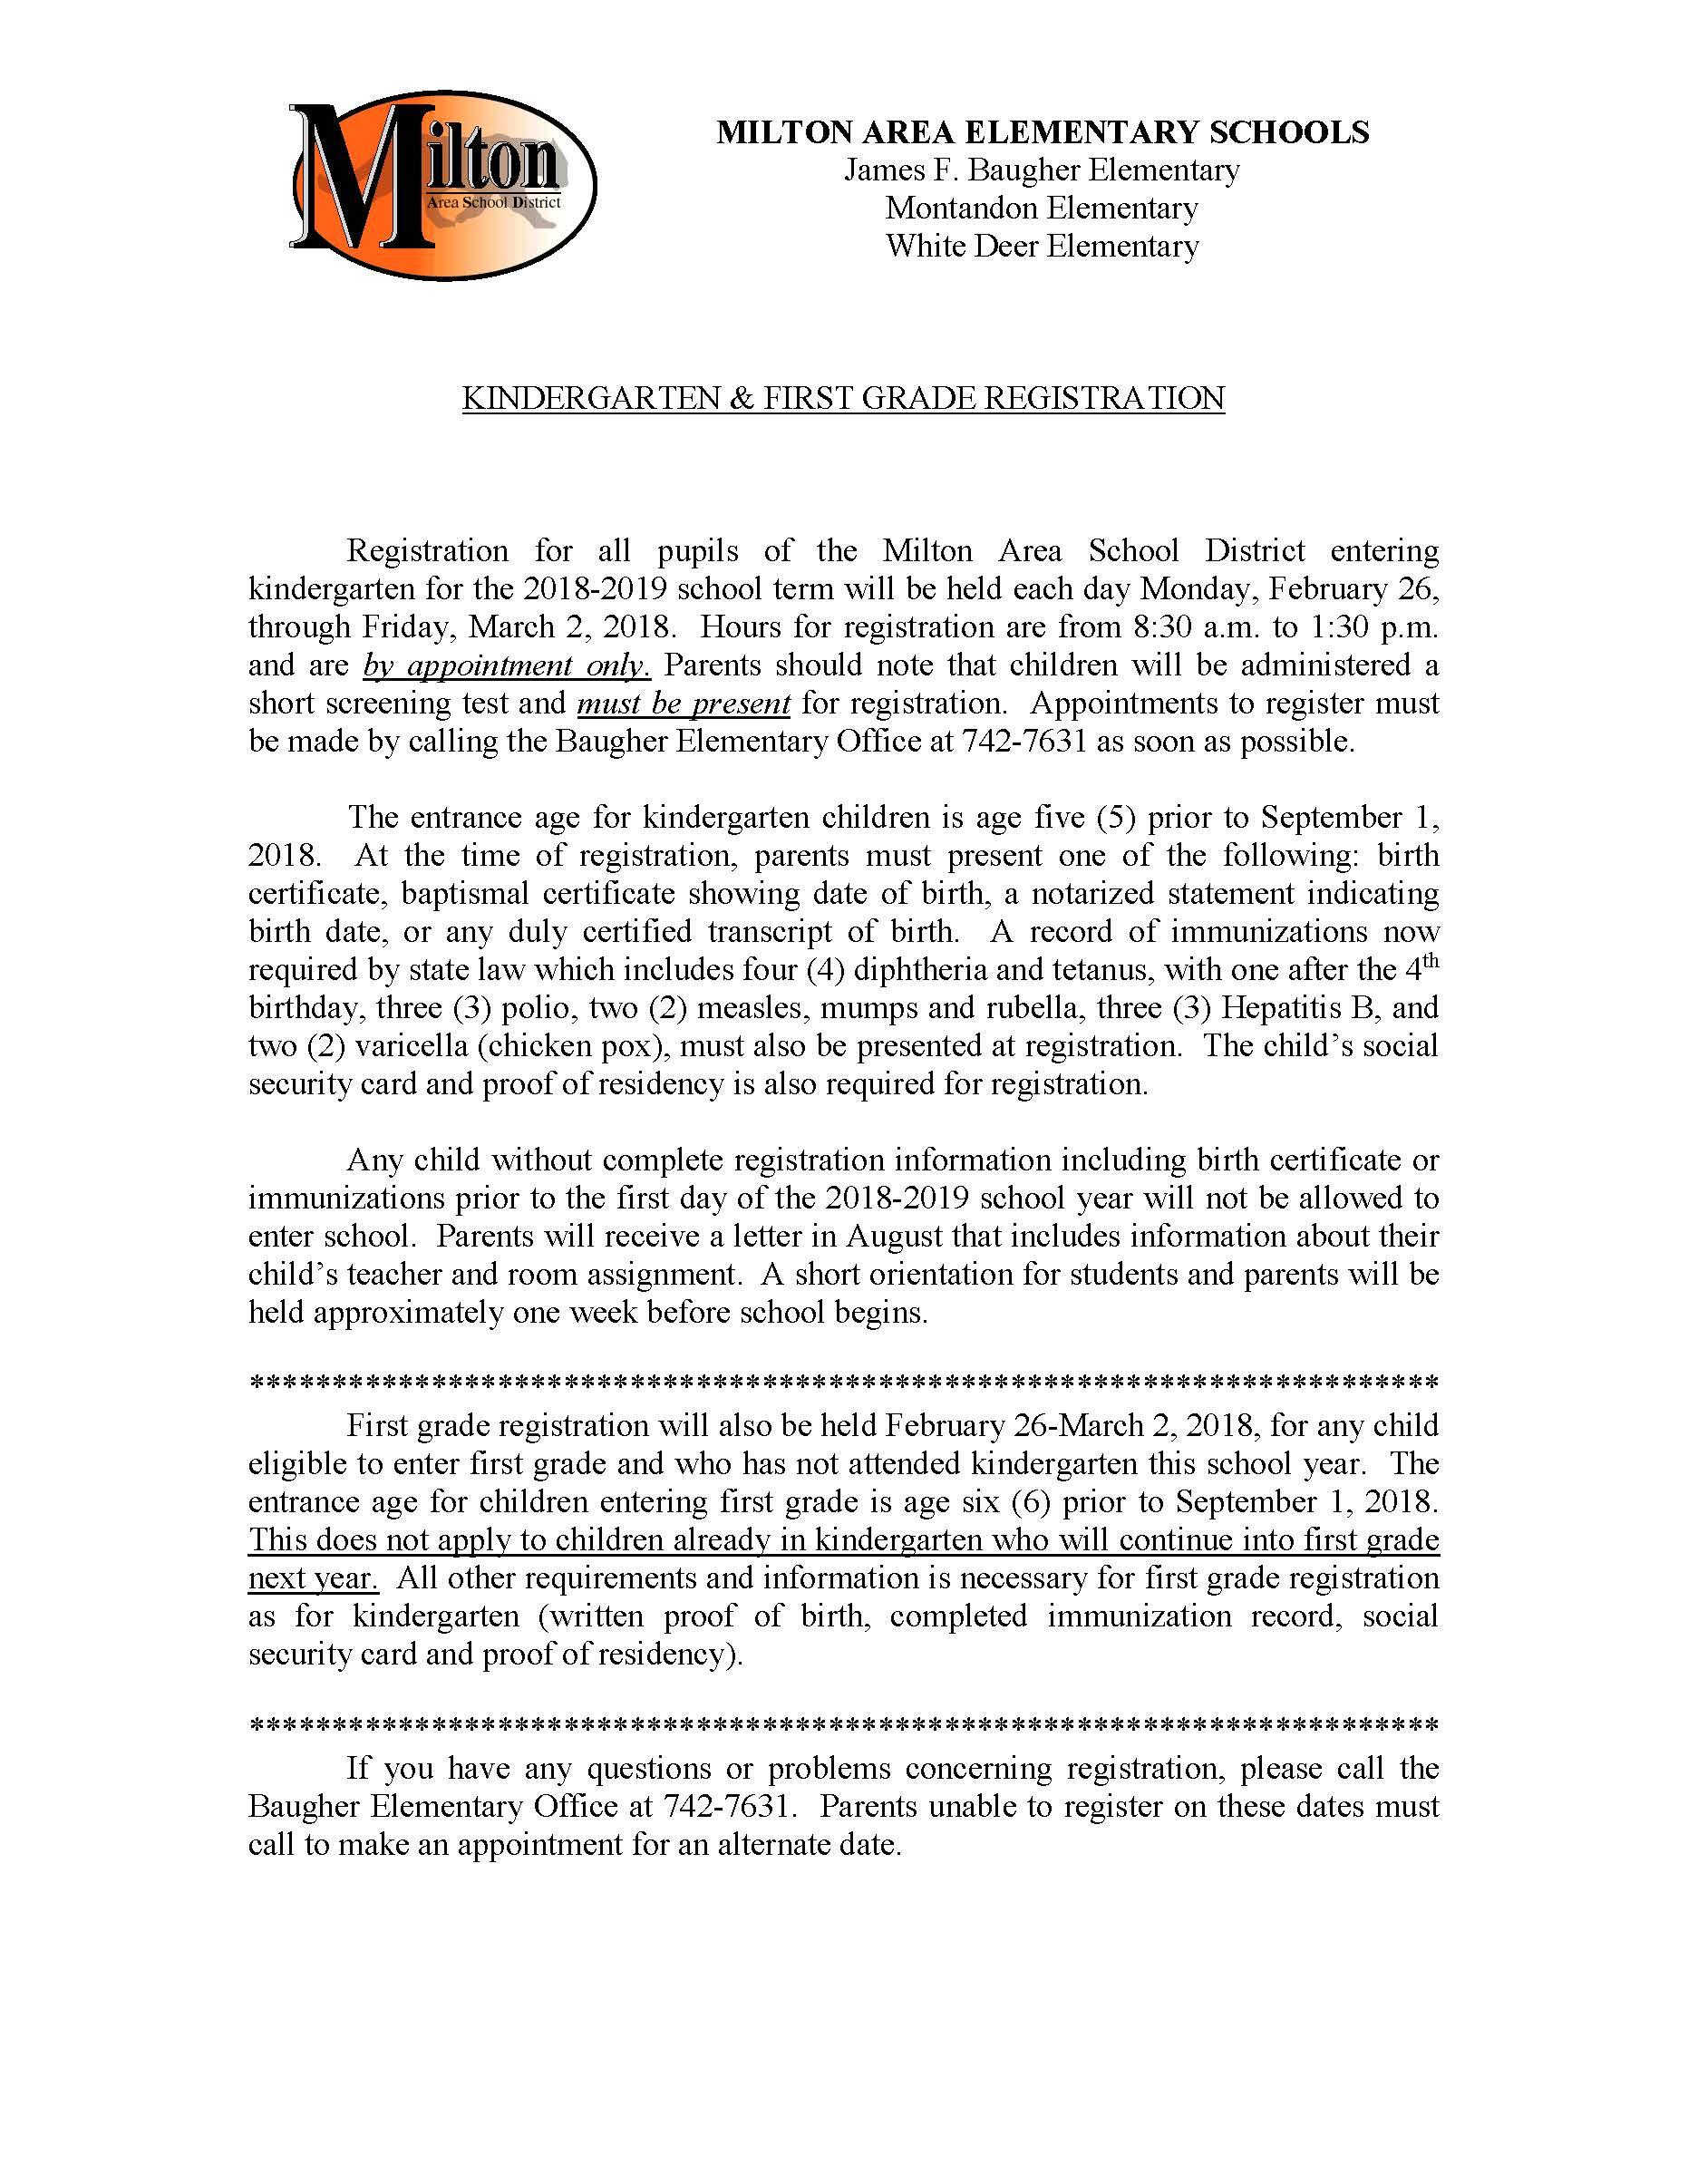 2016 Kindergarten Registration Letter (003)